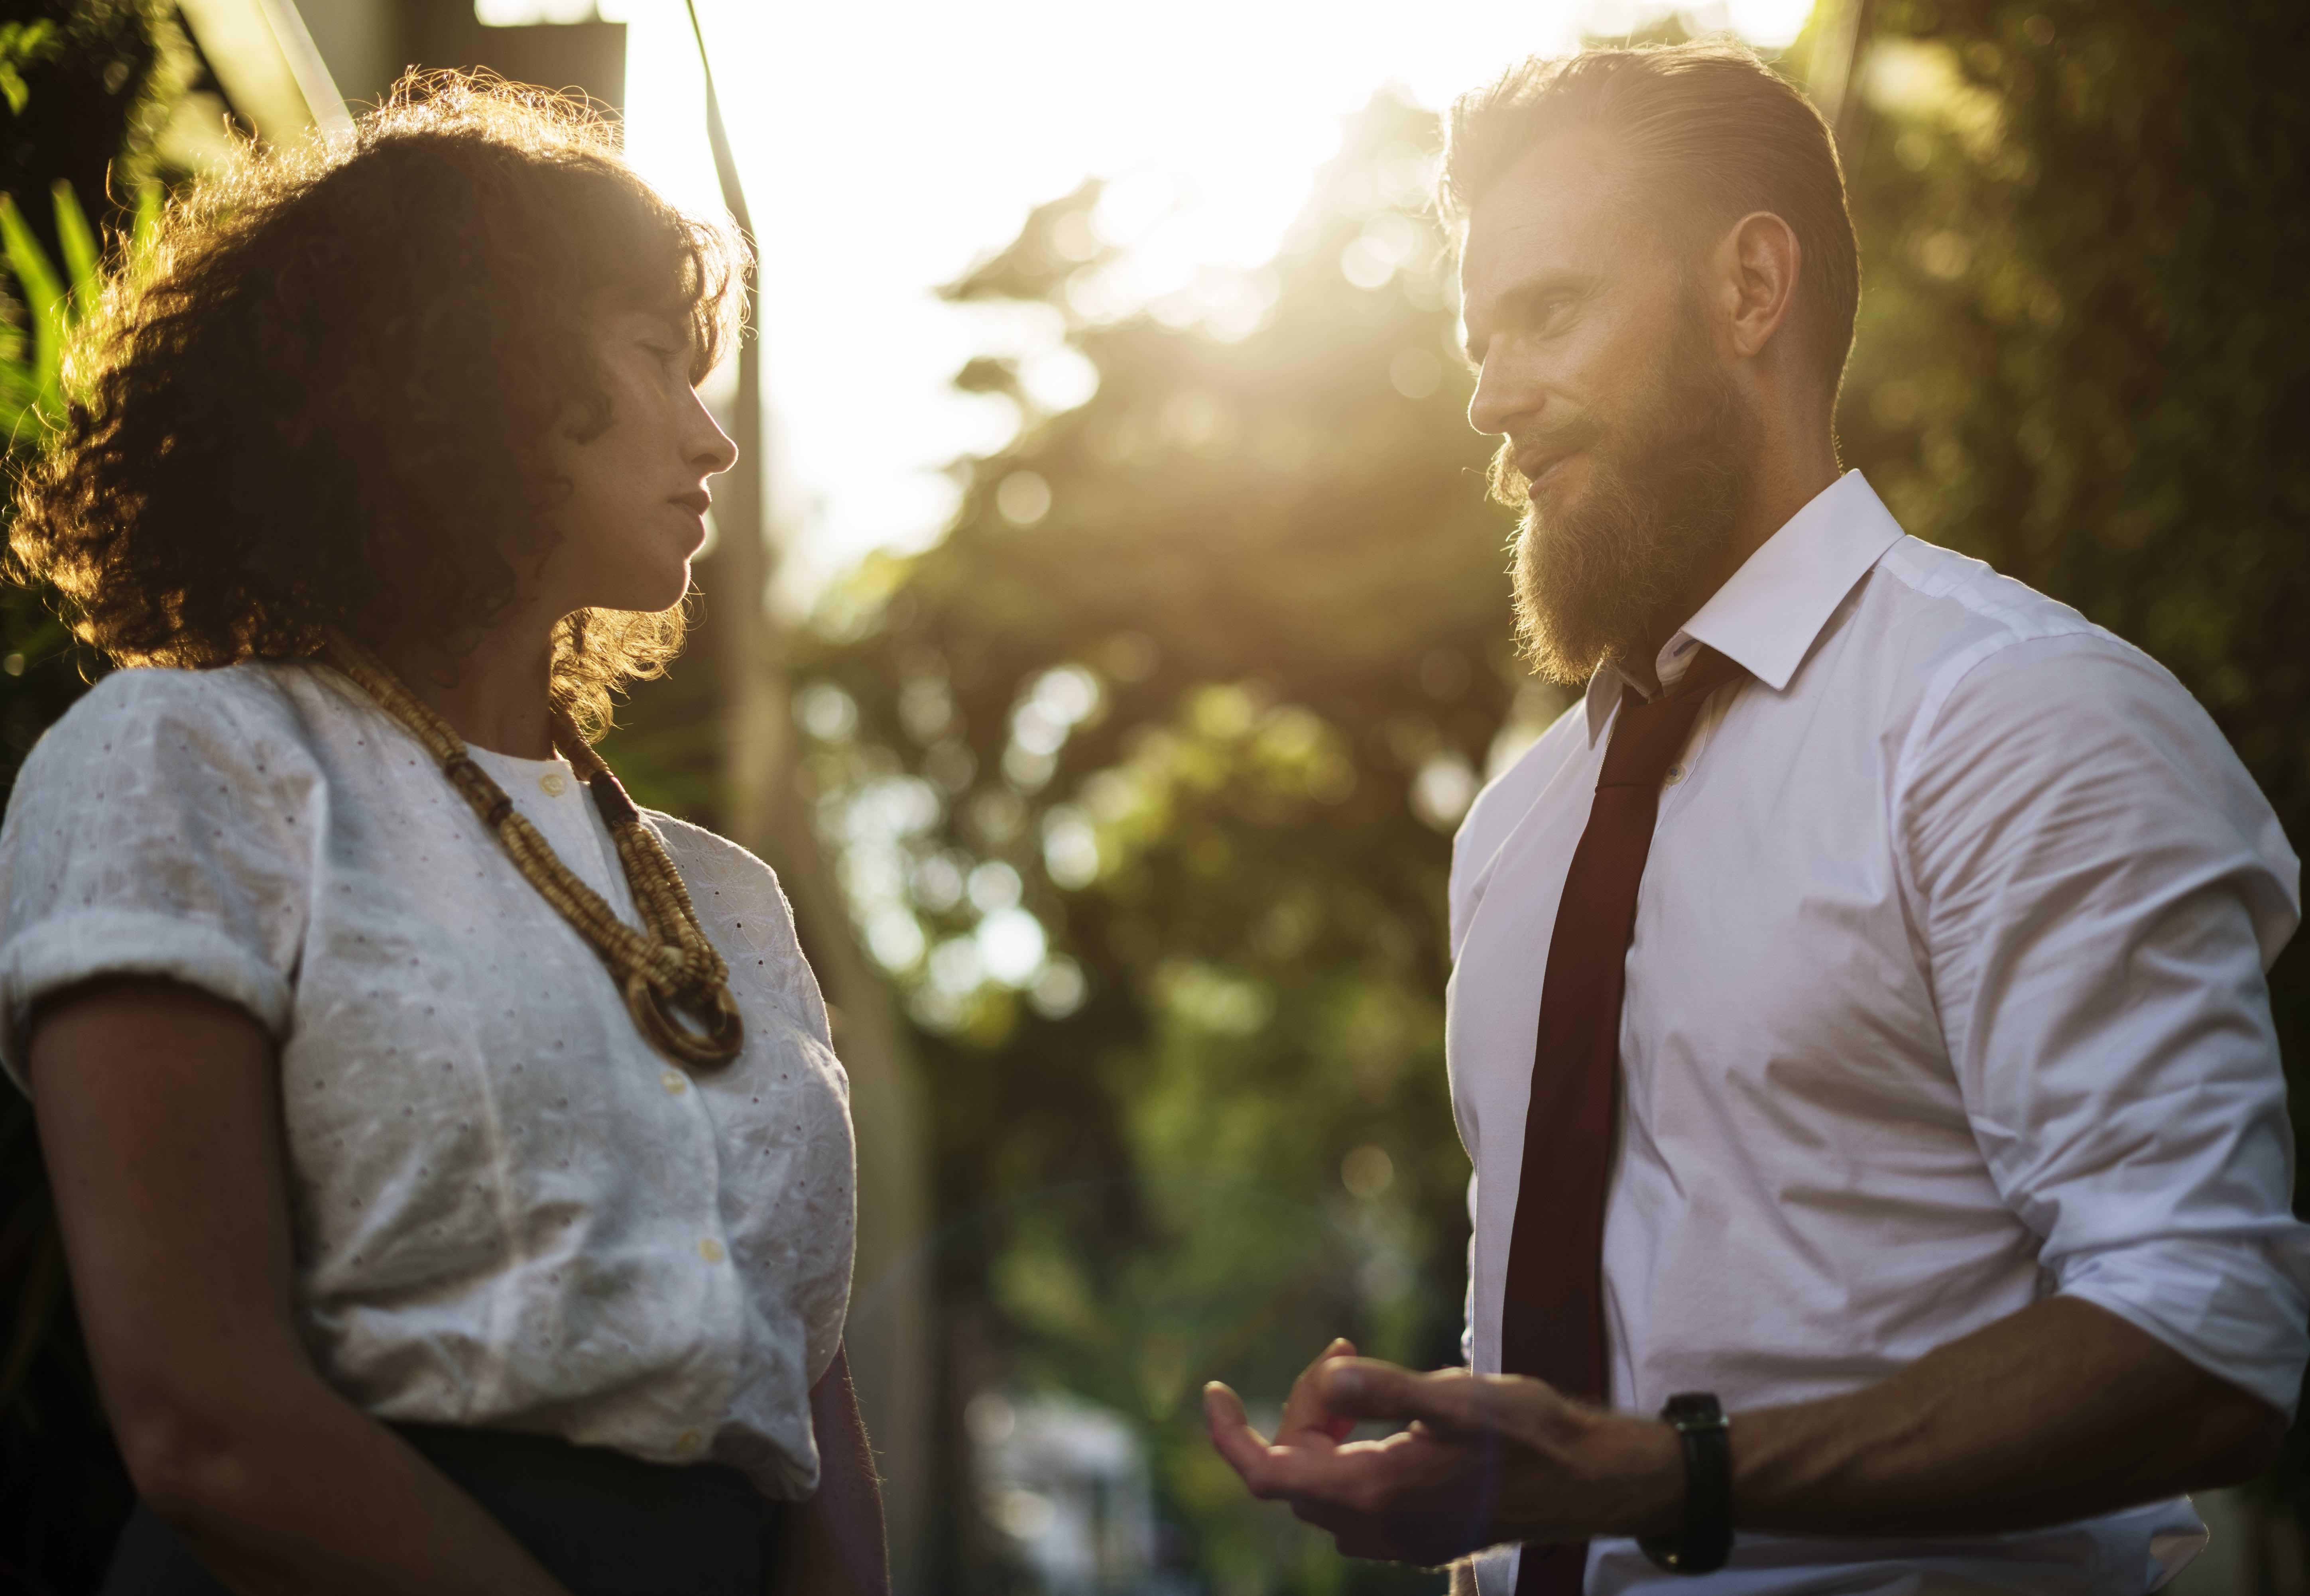 Nett sein vs. Attraktiv sein – Wieso nett sein dich unattraktiv macht